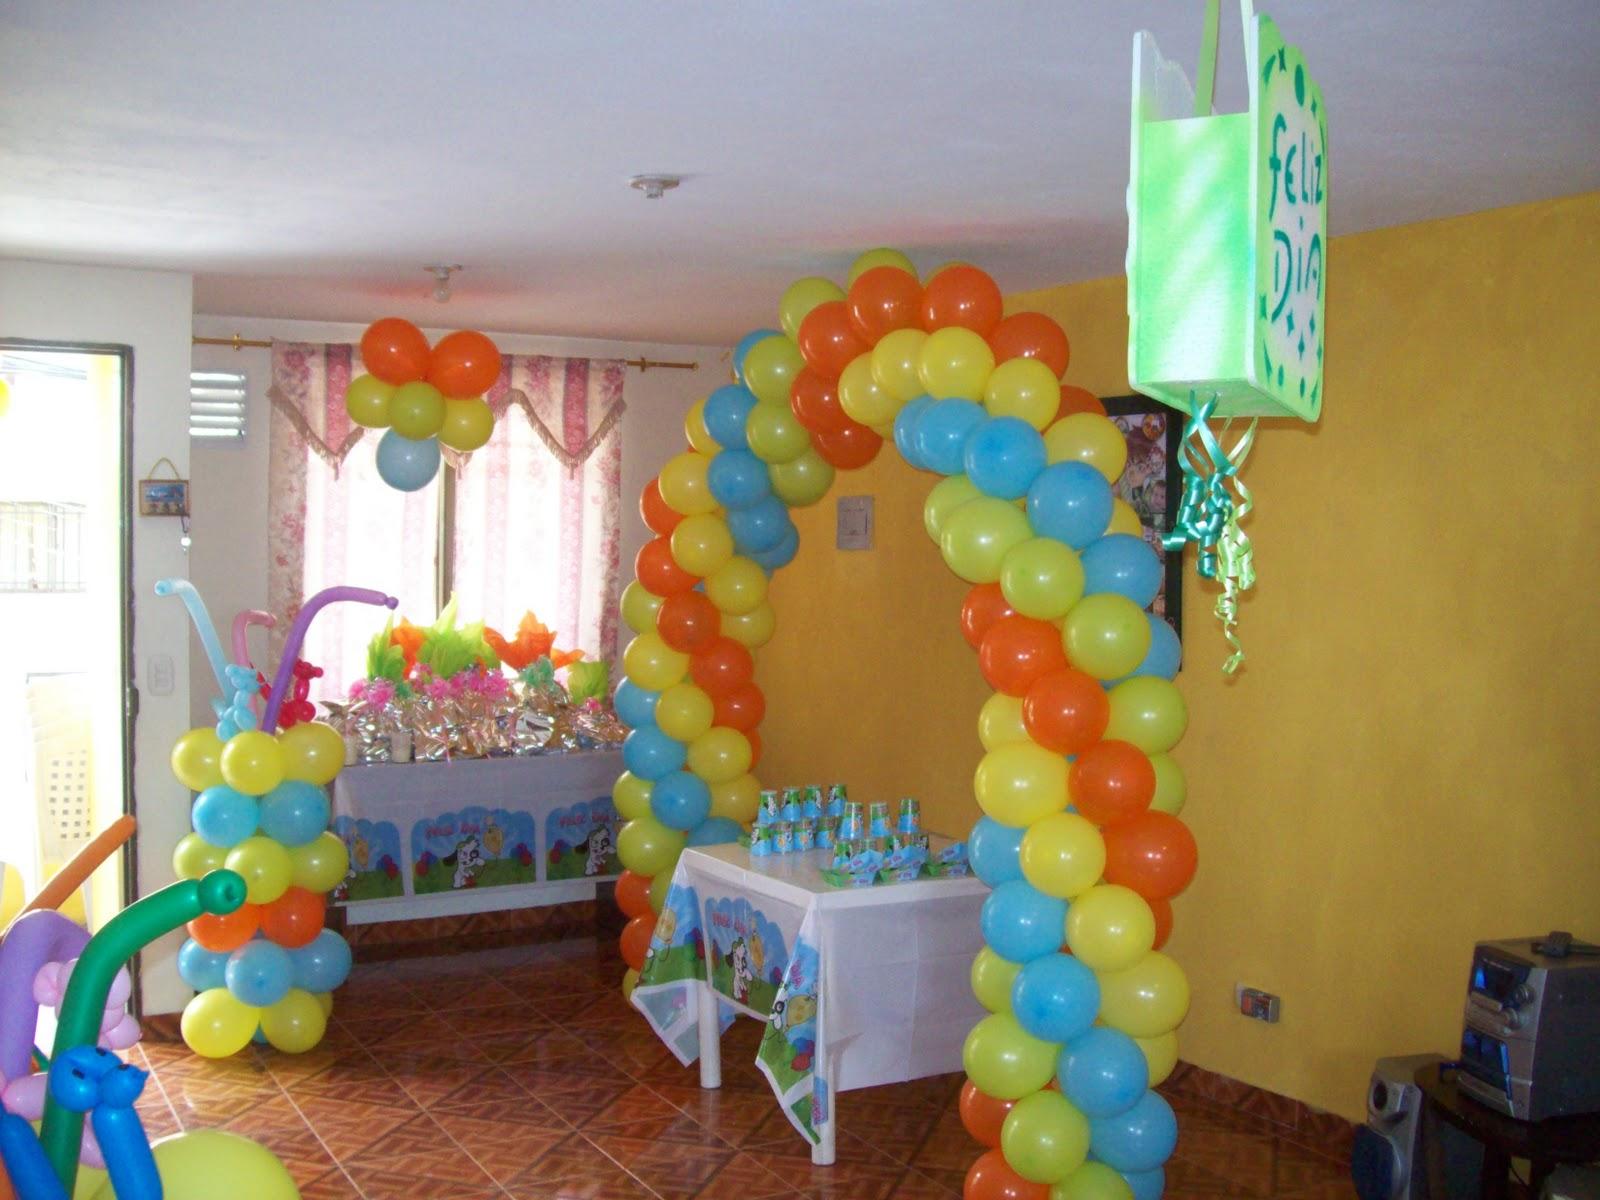 decoraciones con globos para fiestas infantiles imagenes